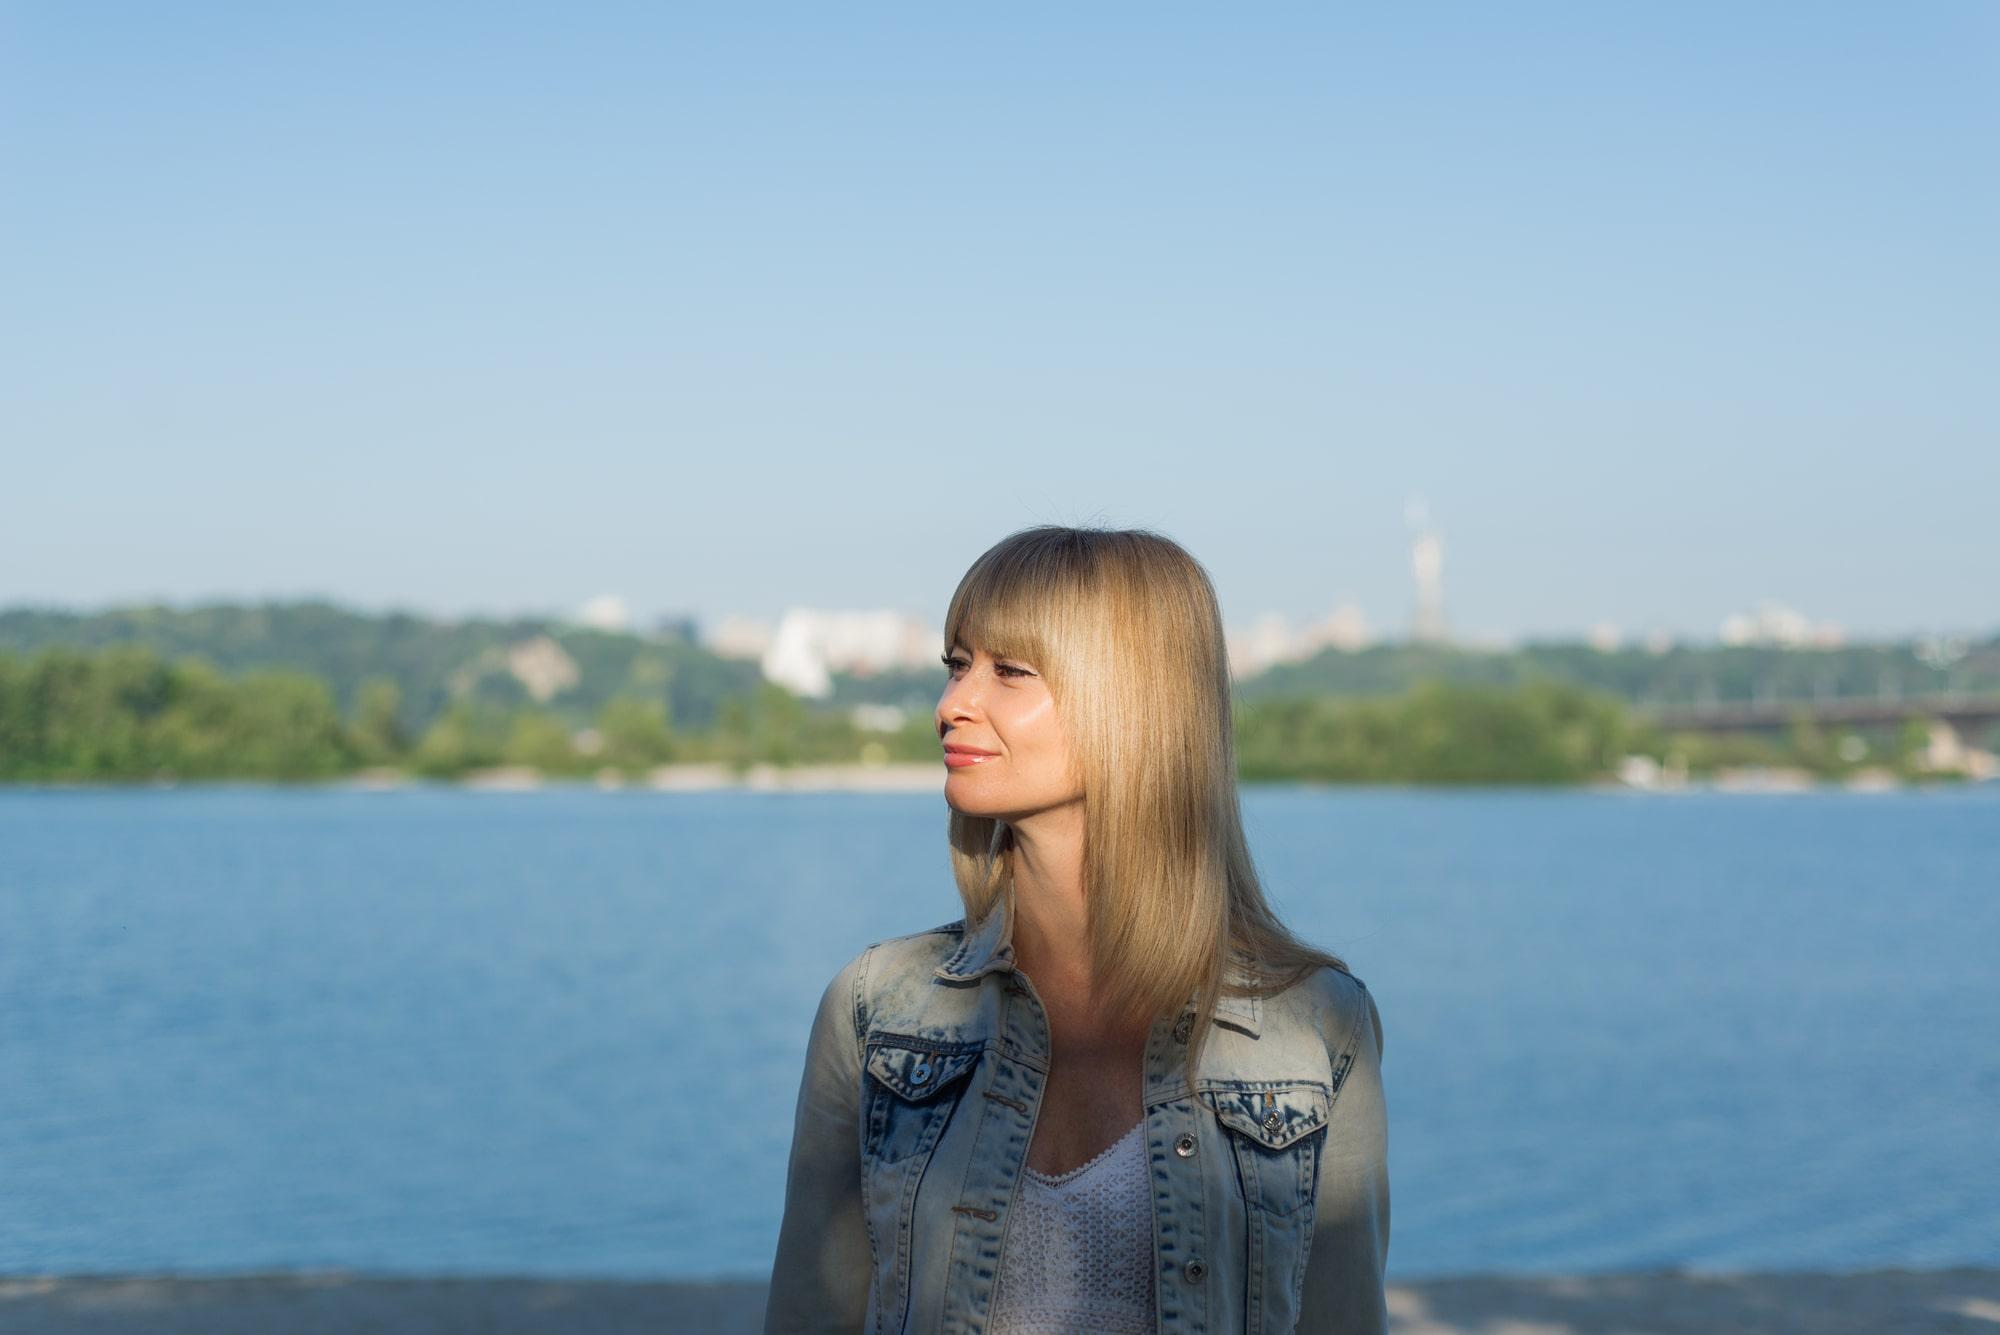 Фотосессия девушки возле реки Днепр - в лучах солнца